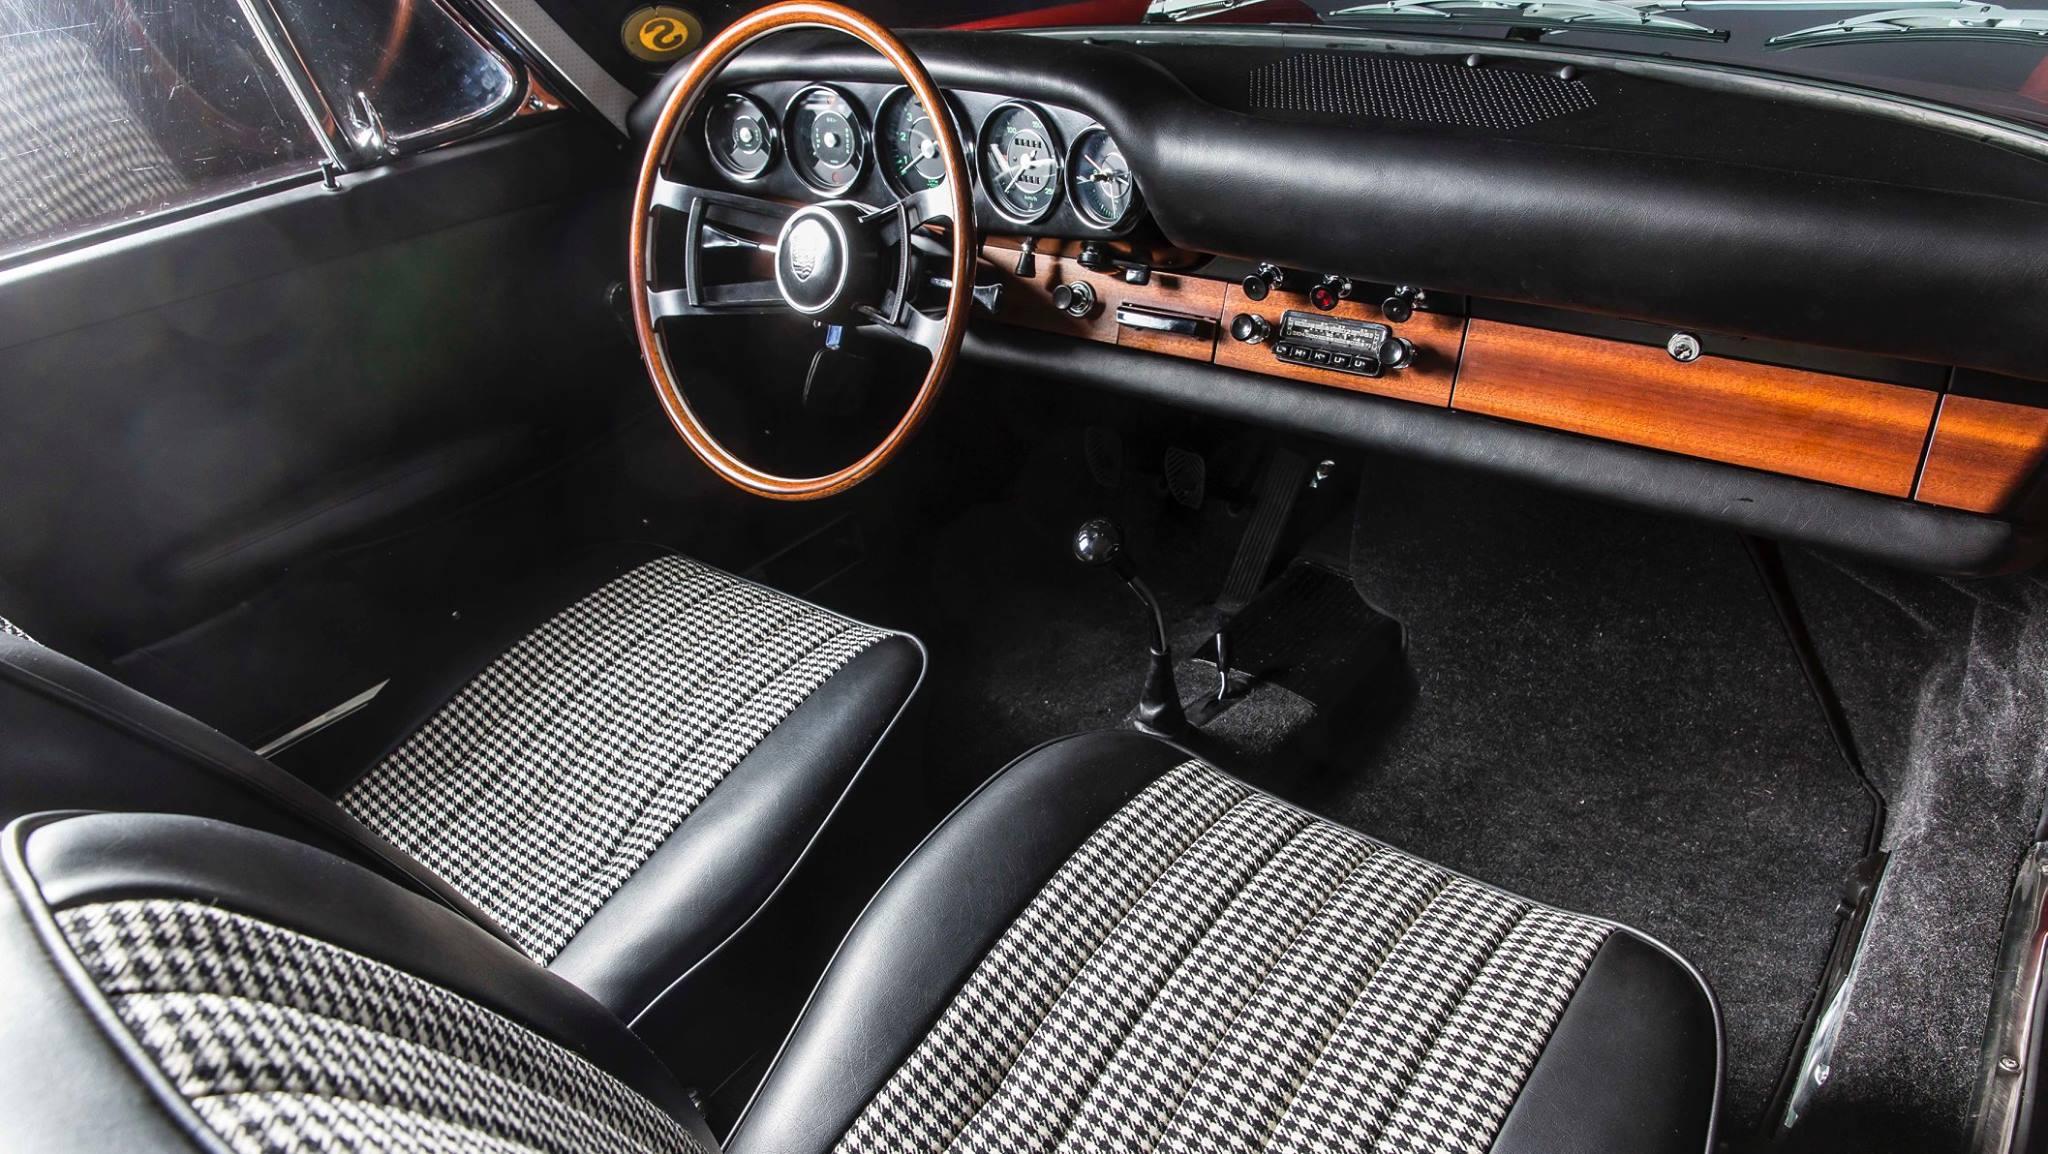 Porsche 901 911 restoration porsche museum (9)